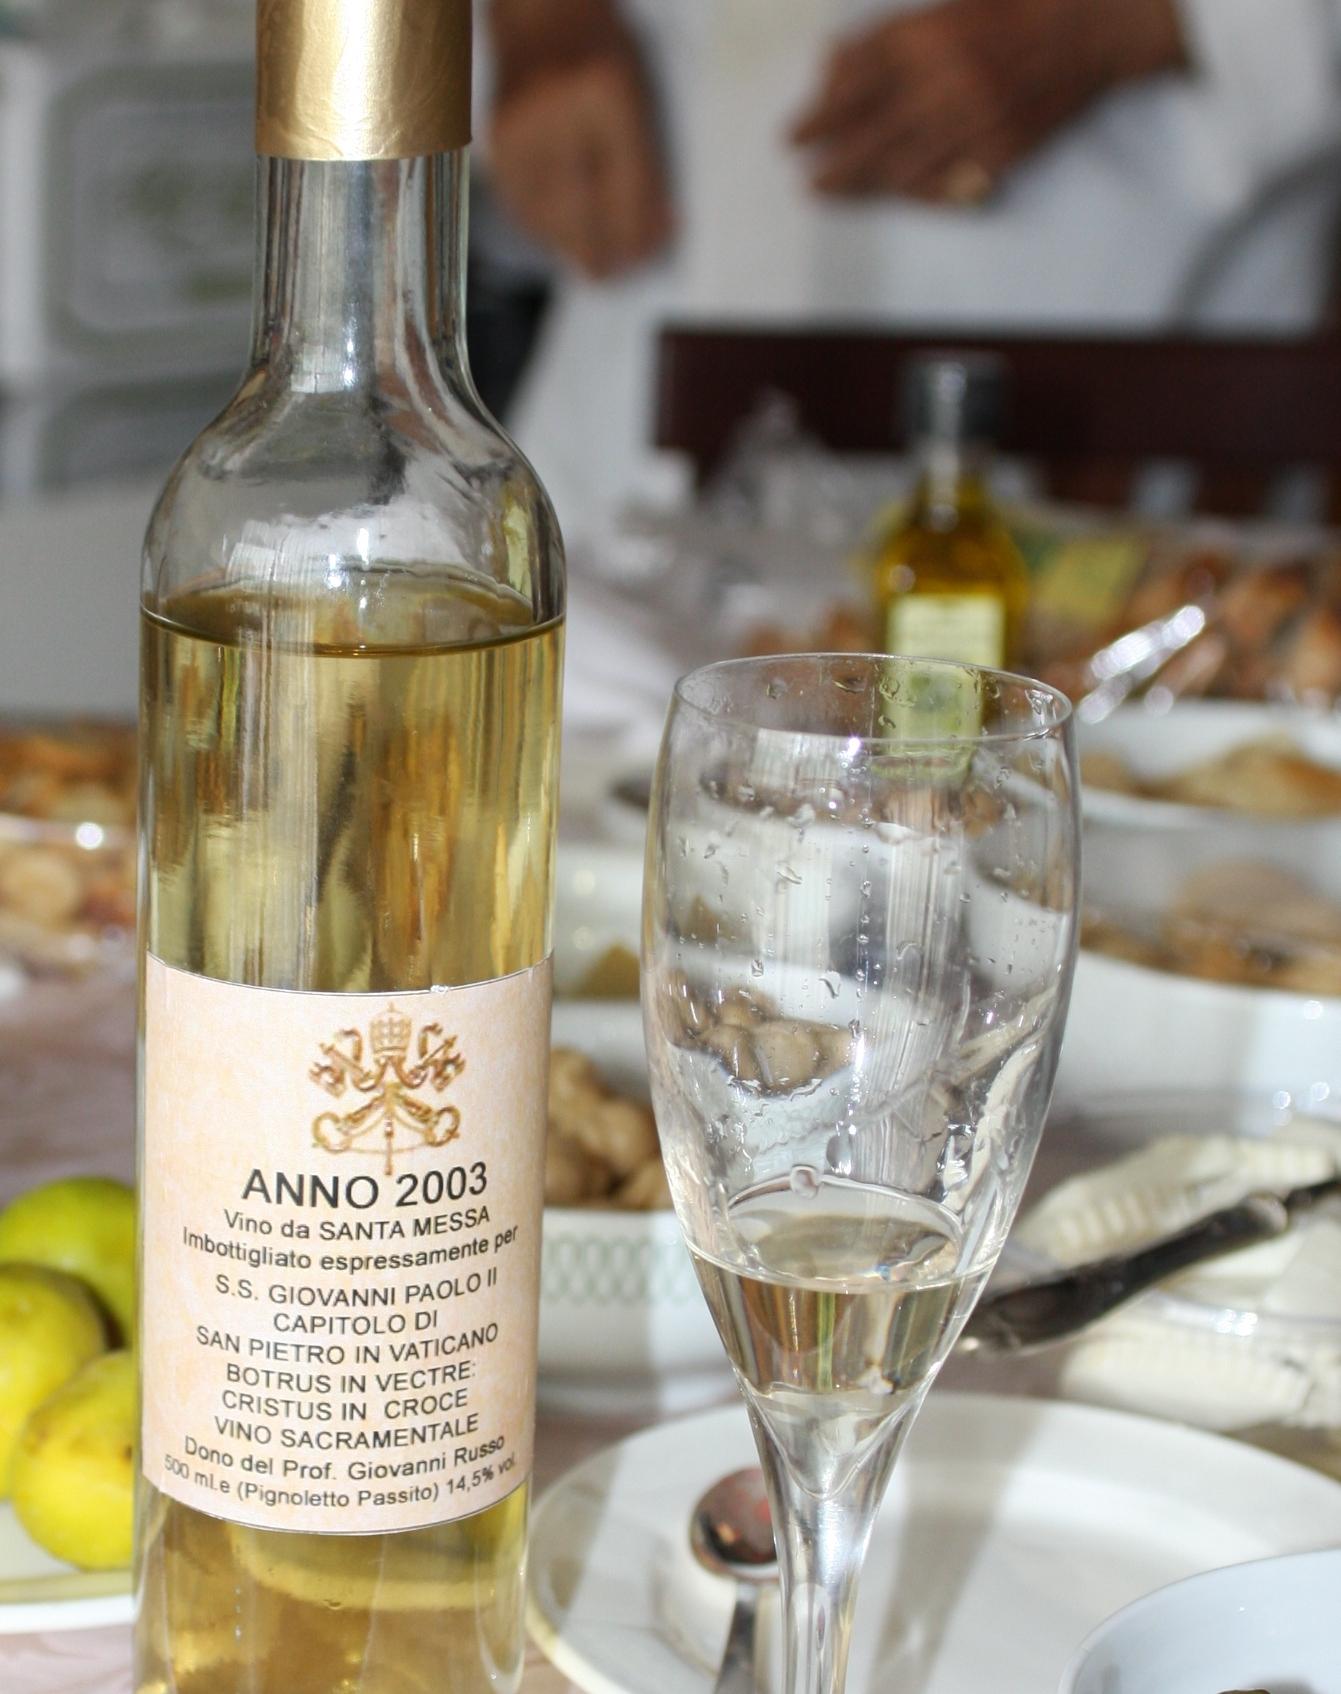 Nella foto si vede il vino da messa, Una delle ultime 6 bottiglie di questo vino, che era stato destinato a Sua Santità Giovanni Paolo II.